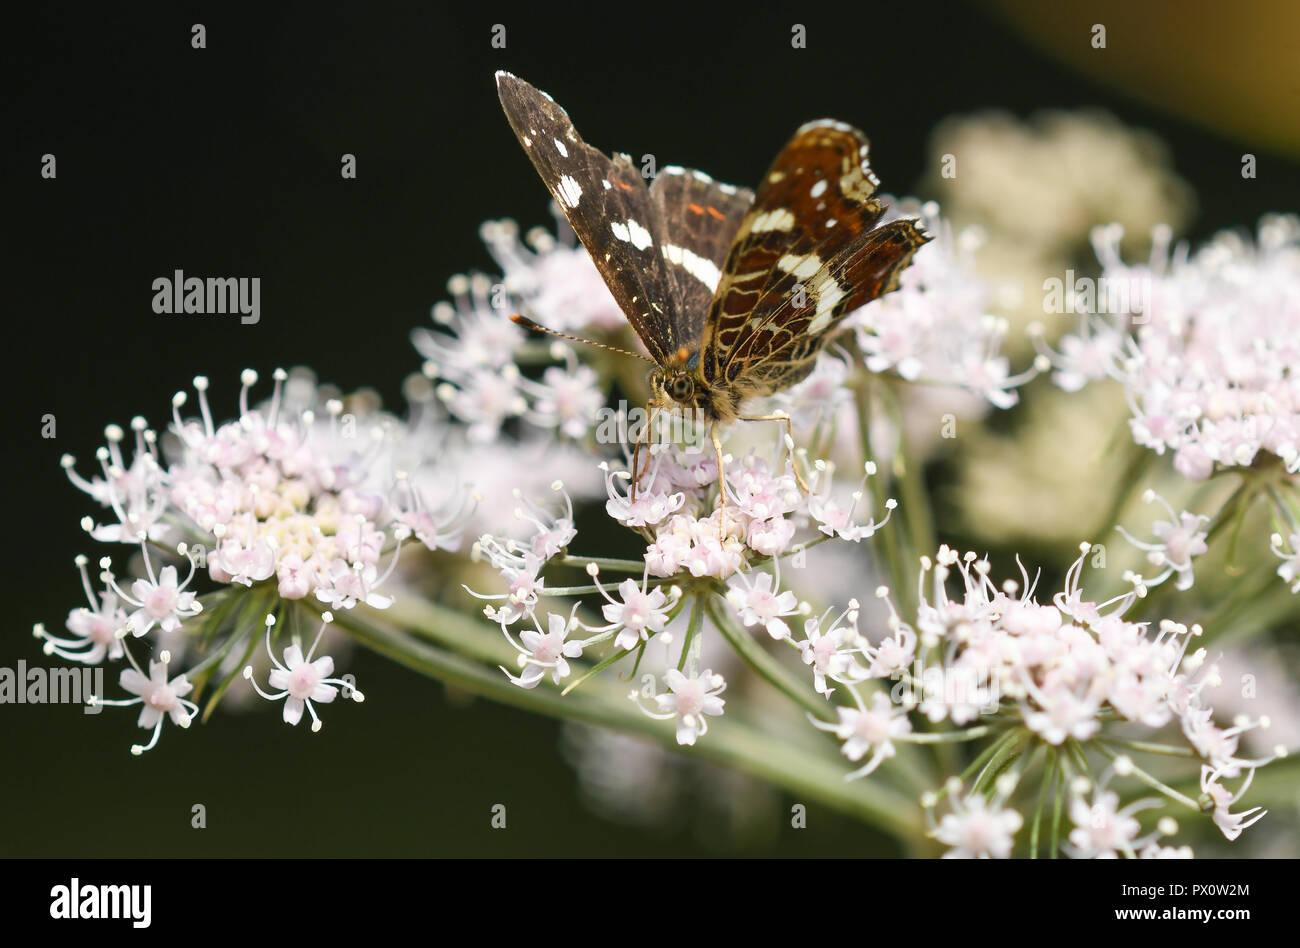 Araschnia levana es una mariposa que en la Península Ibérica sólo se encuentra en la franja Norte. Esta especie se caracteriza por su marcado dimorfis Immagini Stock